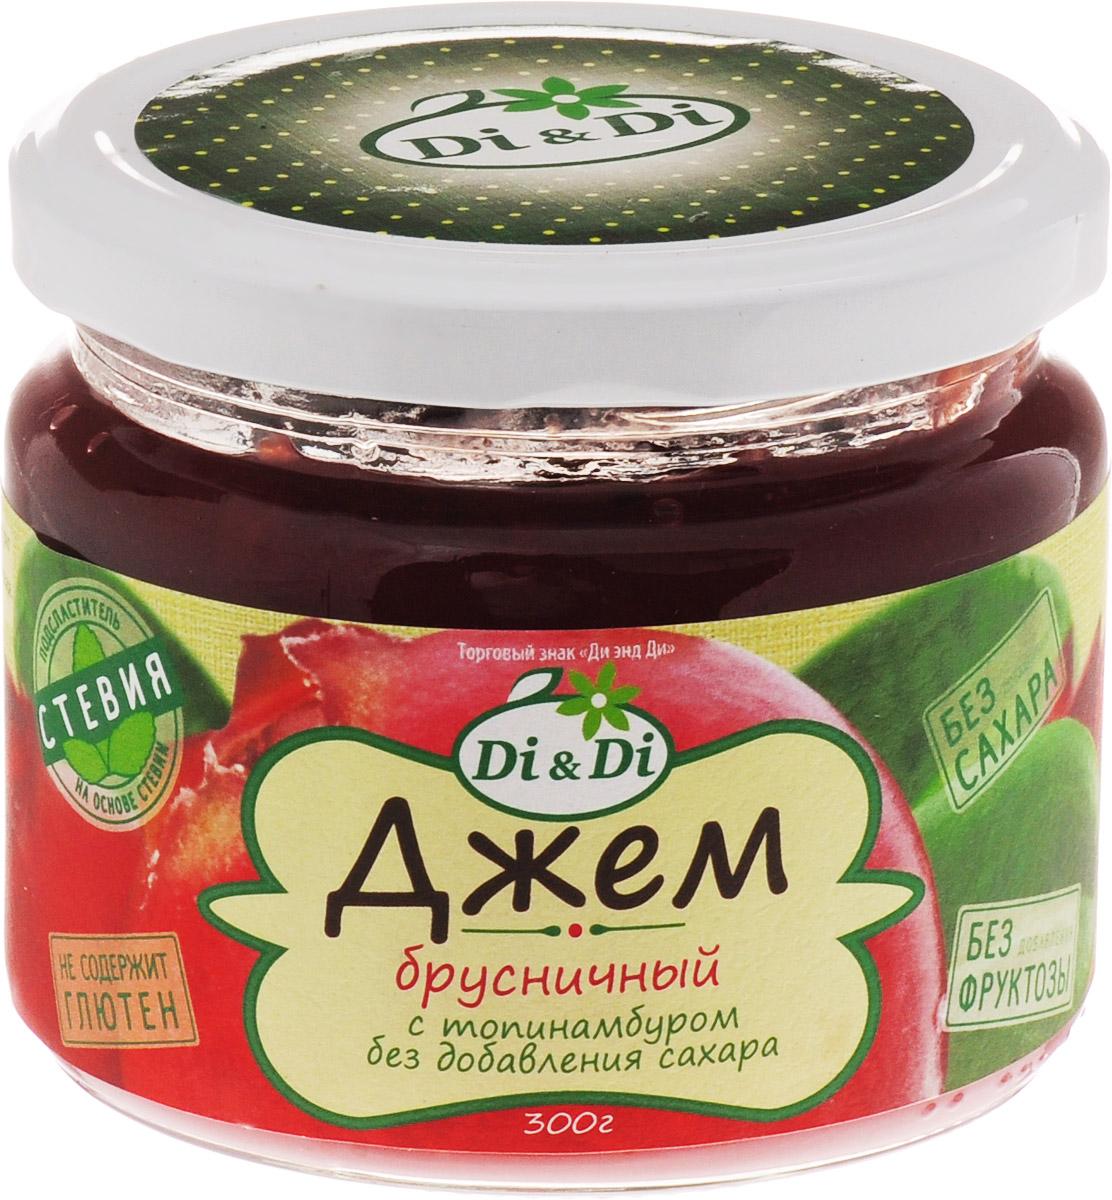 Di & Di Джем брусничный с топинамбуром, 300 г4650061330835Брусничный джем Di & Di с топинамбуром без добавления сахара, горячего розлива.Топинамбур - источник инулина, который является естественным пребиотиком и обеспечивает рост полезной микрофлоры кишечника.Экстракт стевии - стевиозид используется в качестве полноценной и функциональной замены сахара. Обладает нулевой калорийностью, интенсивный подсластитель.Продукт является диетическим питанием, не обладает лечебными свойствами, предназначен для всех категорий населения.